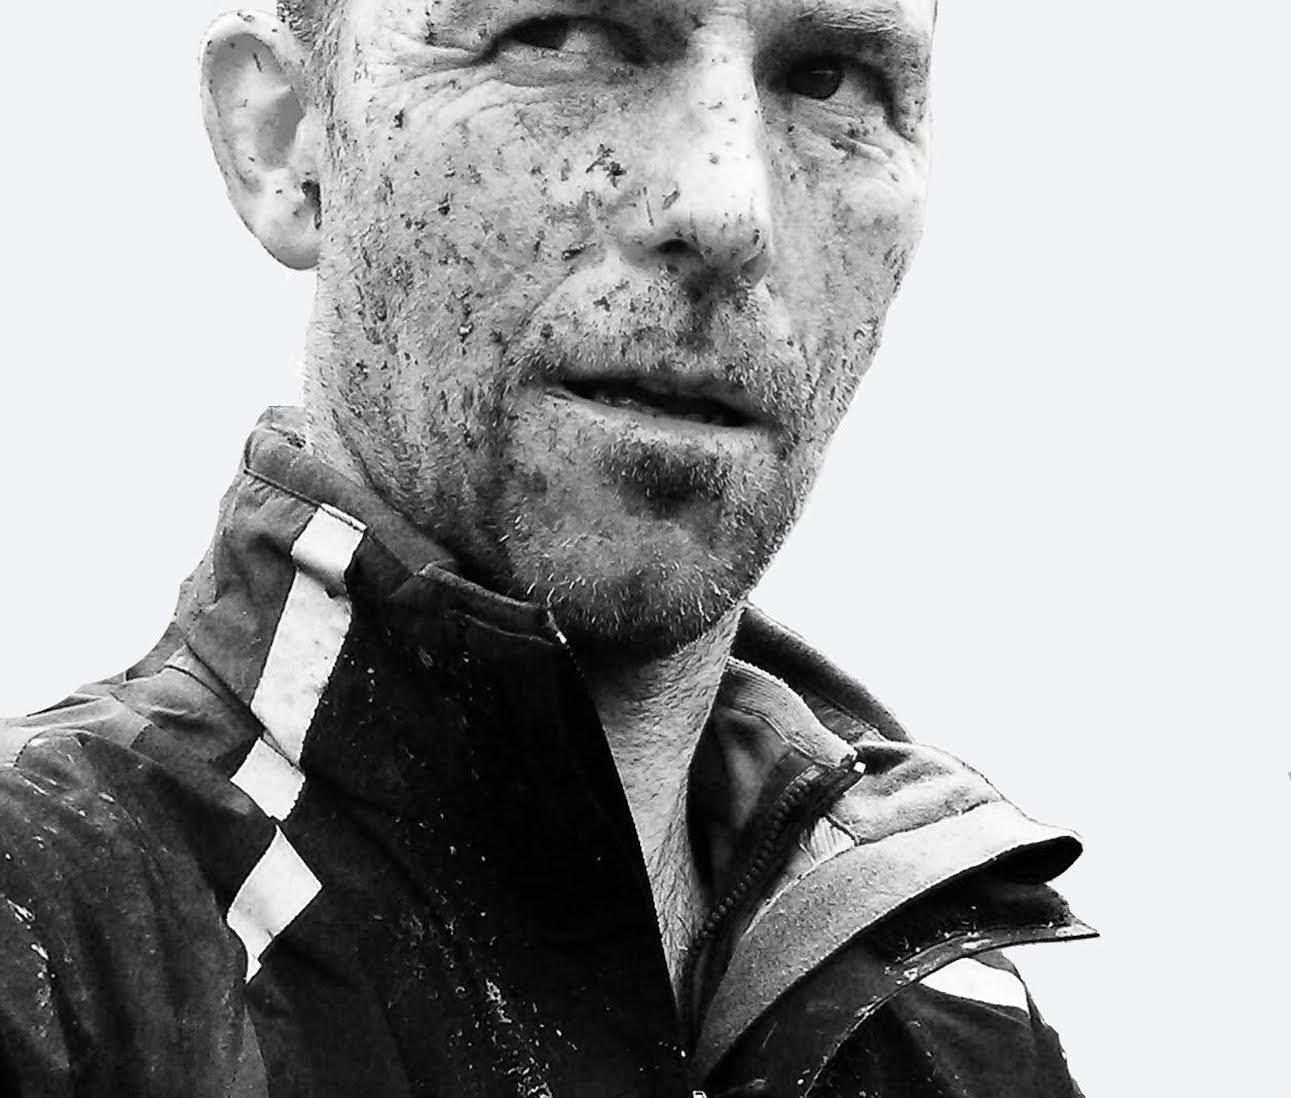 David Mayne